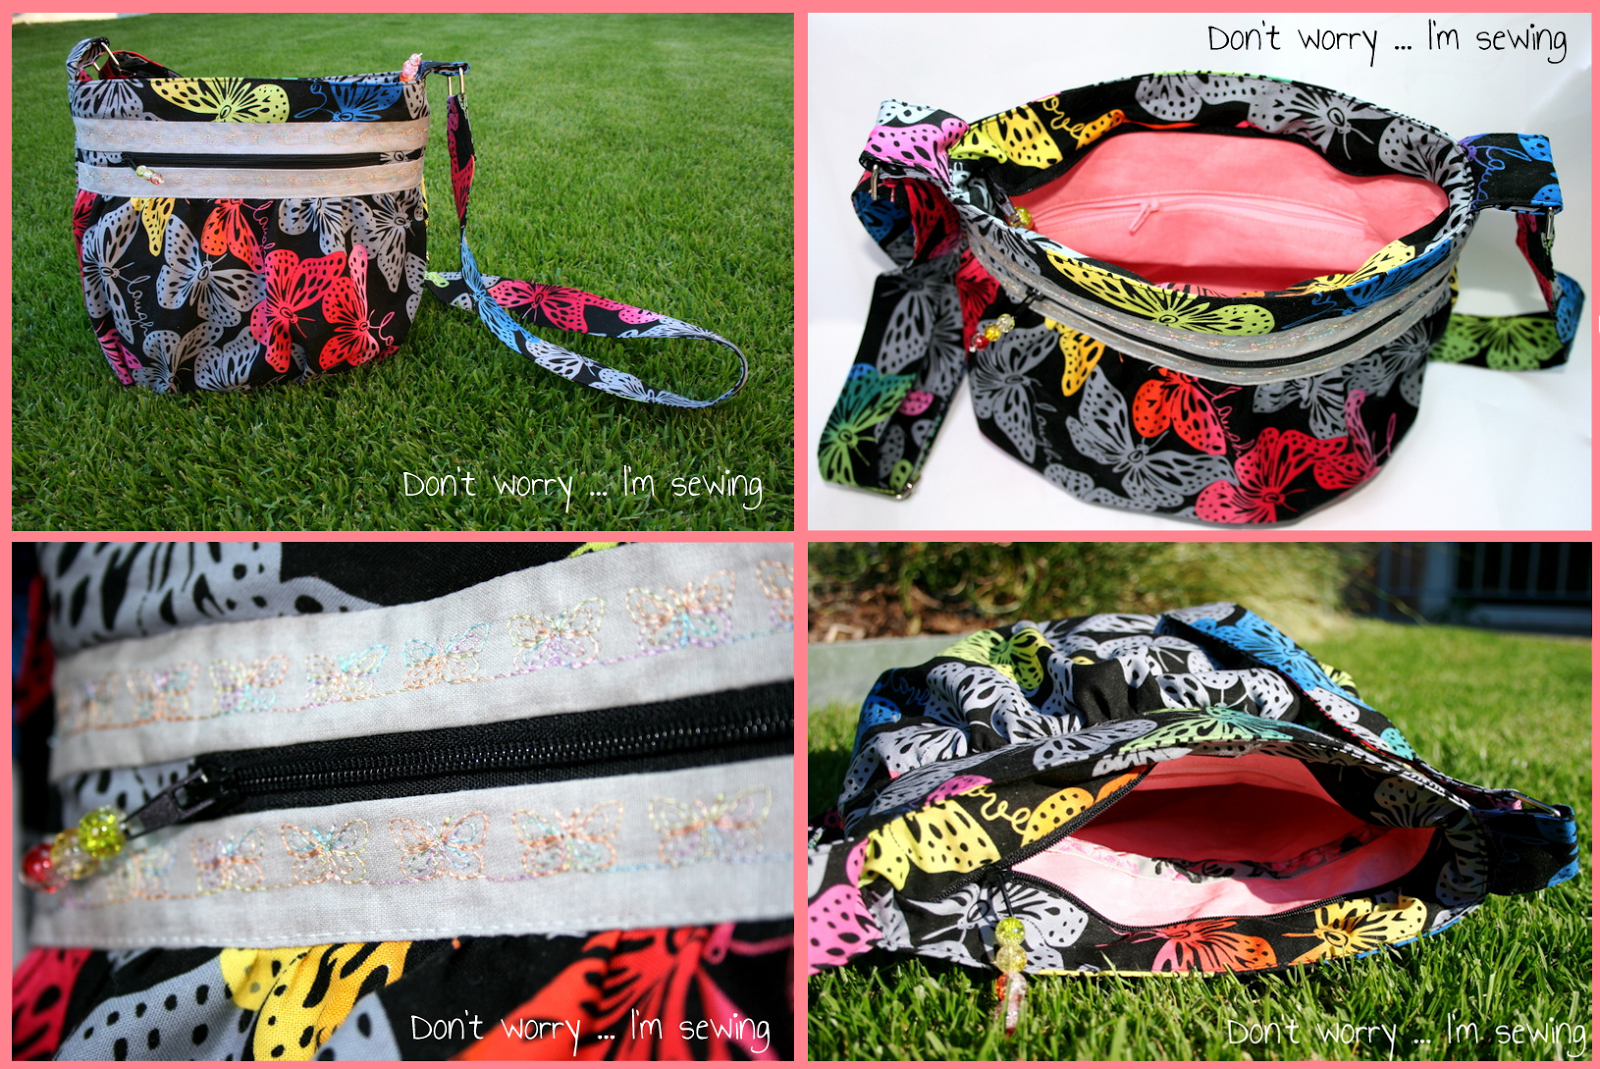 Handtasche KIRA nach meinem freebook - von Don't worry ... I'm sewing